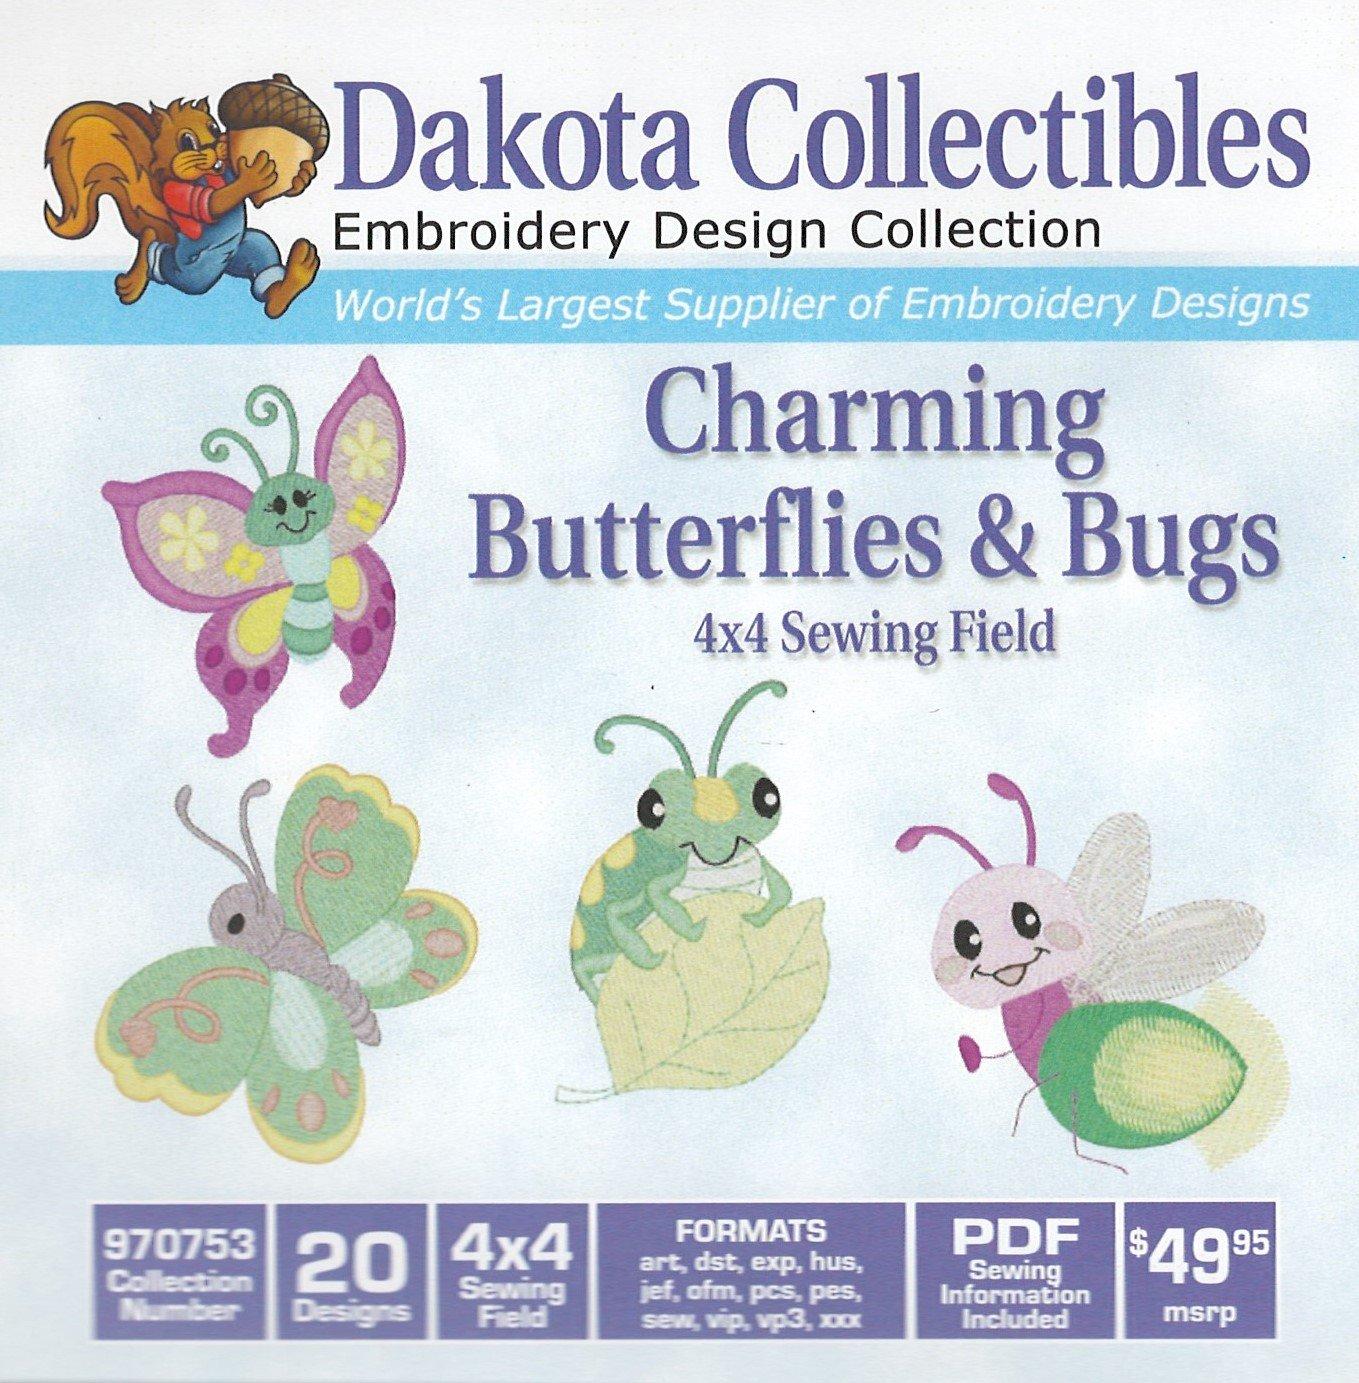 Charming Butterflies & Bugs